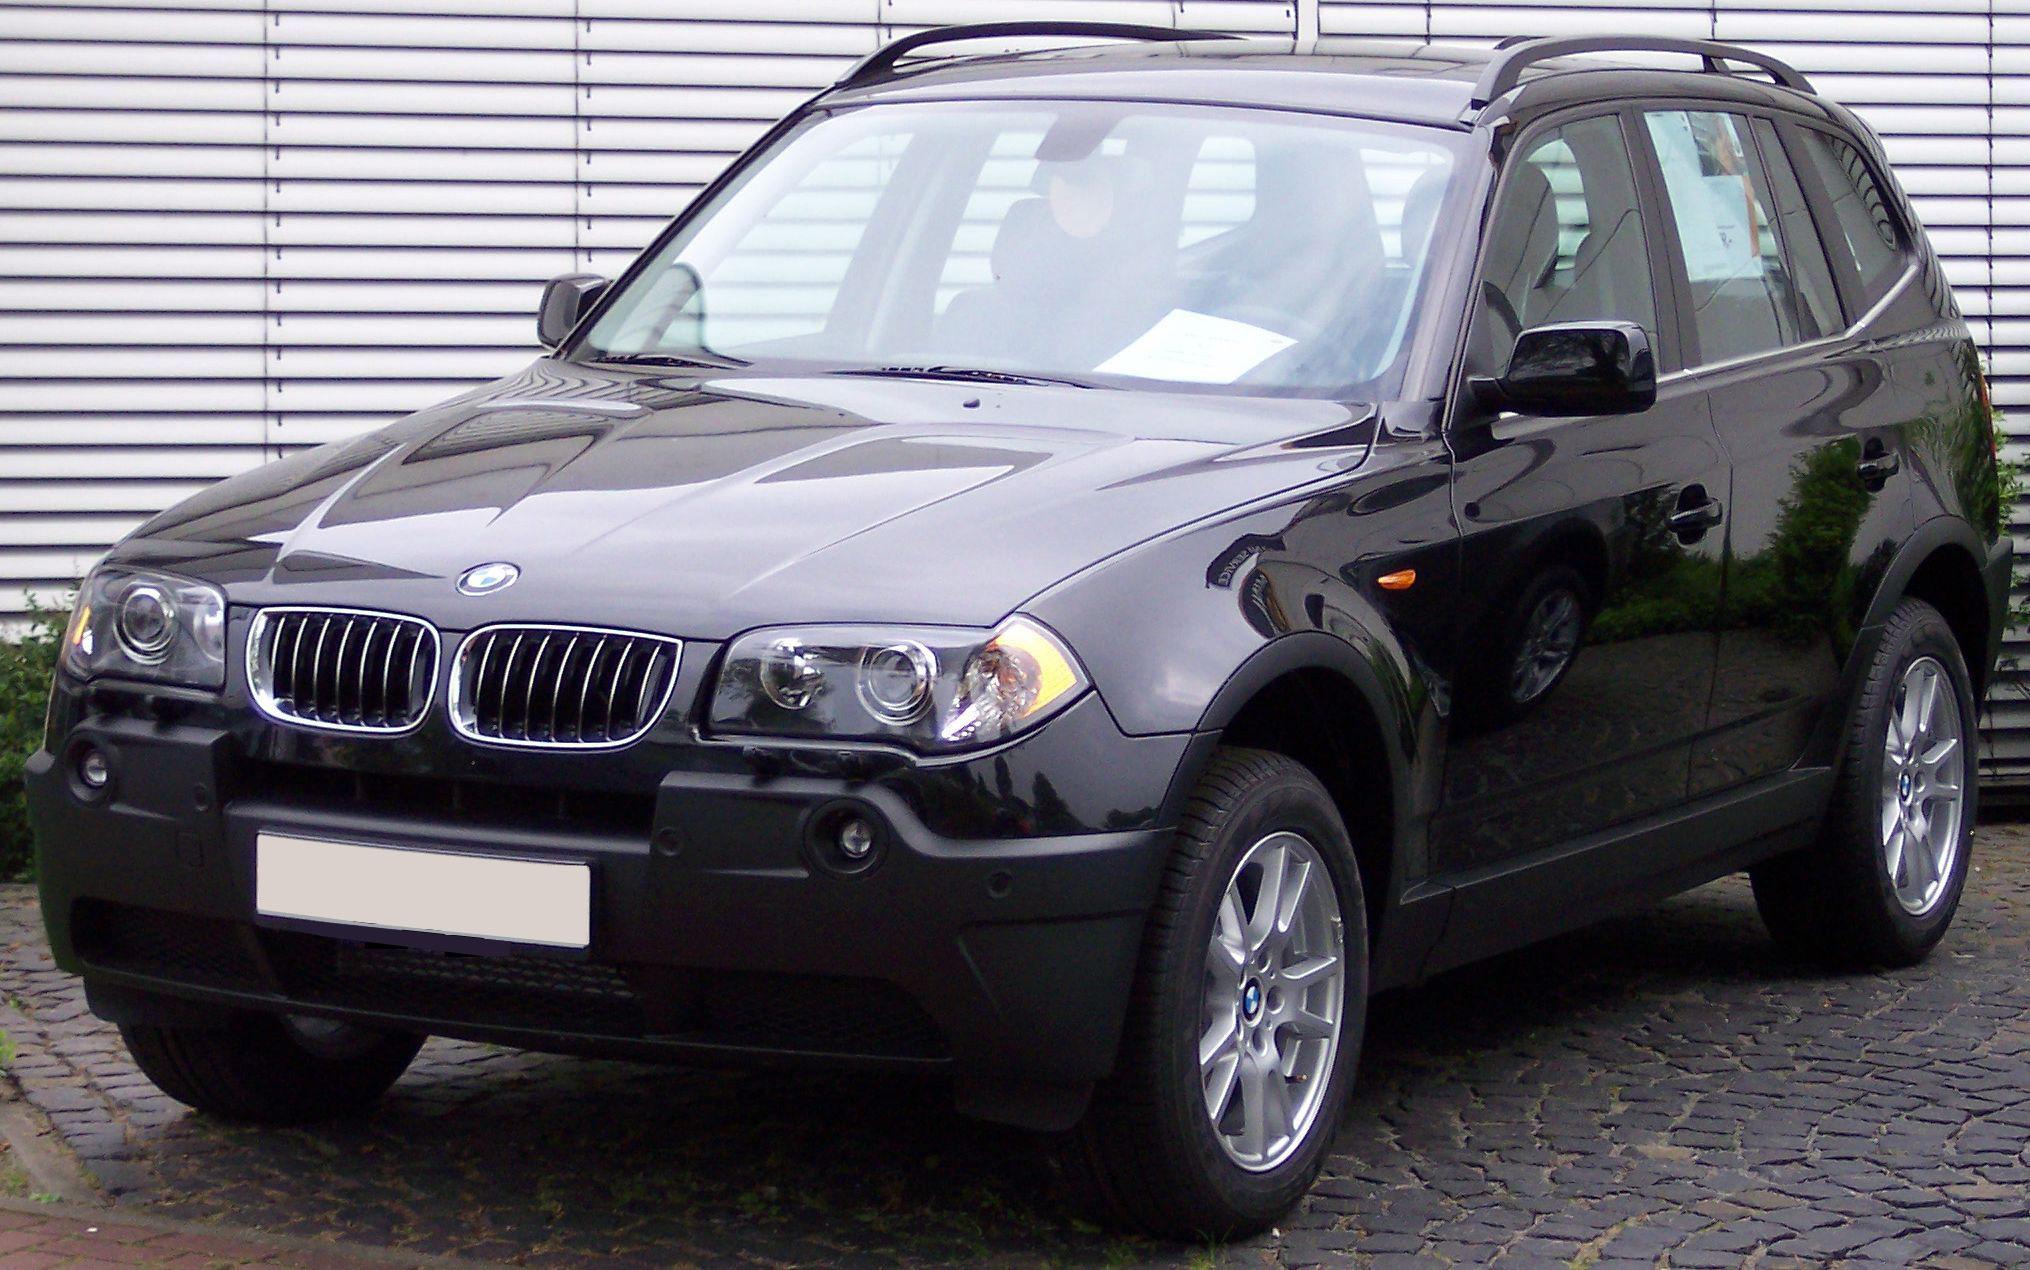 Картинки по запросу BMW X3 2010 года выпуска